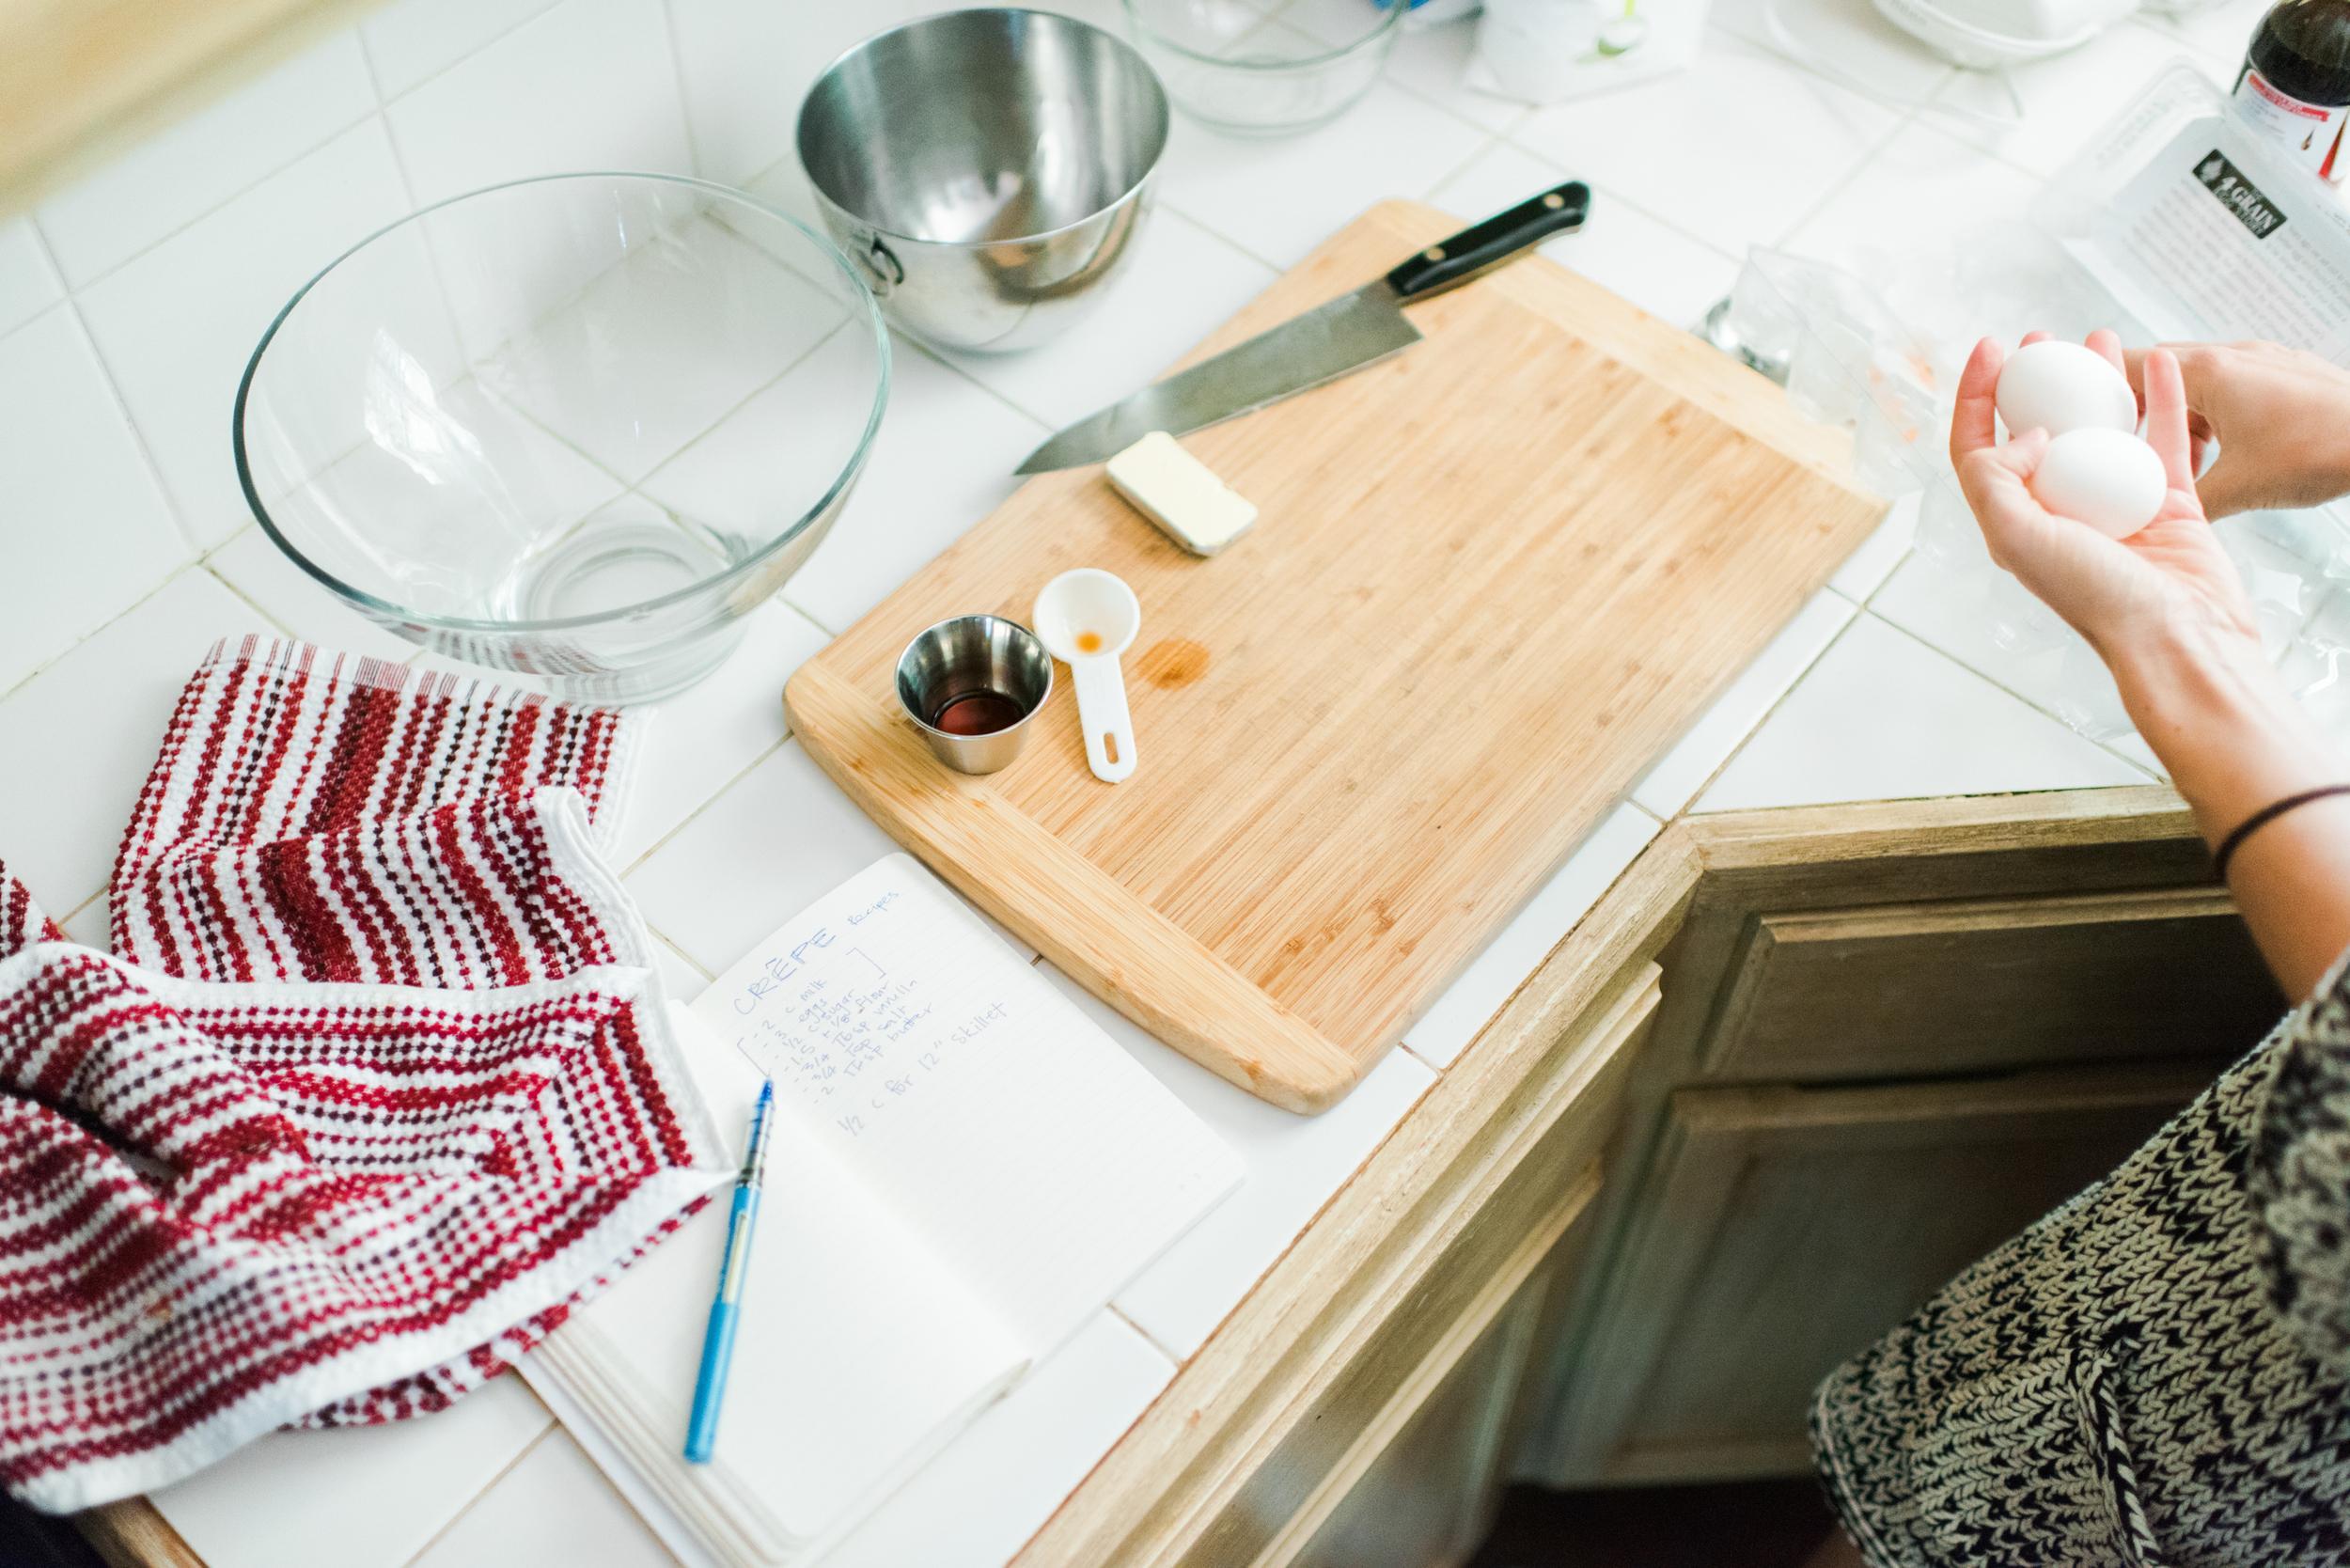 the-best-homemade-crepe-recipe-the-spice-girl-blog (3 of 36).jpg